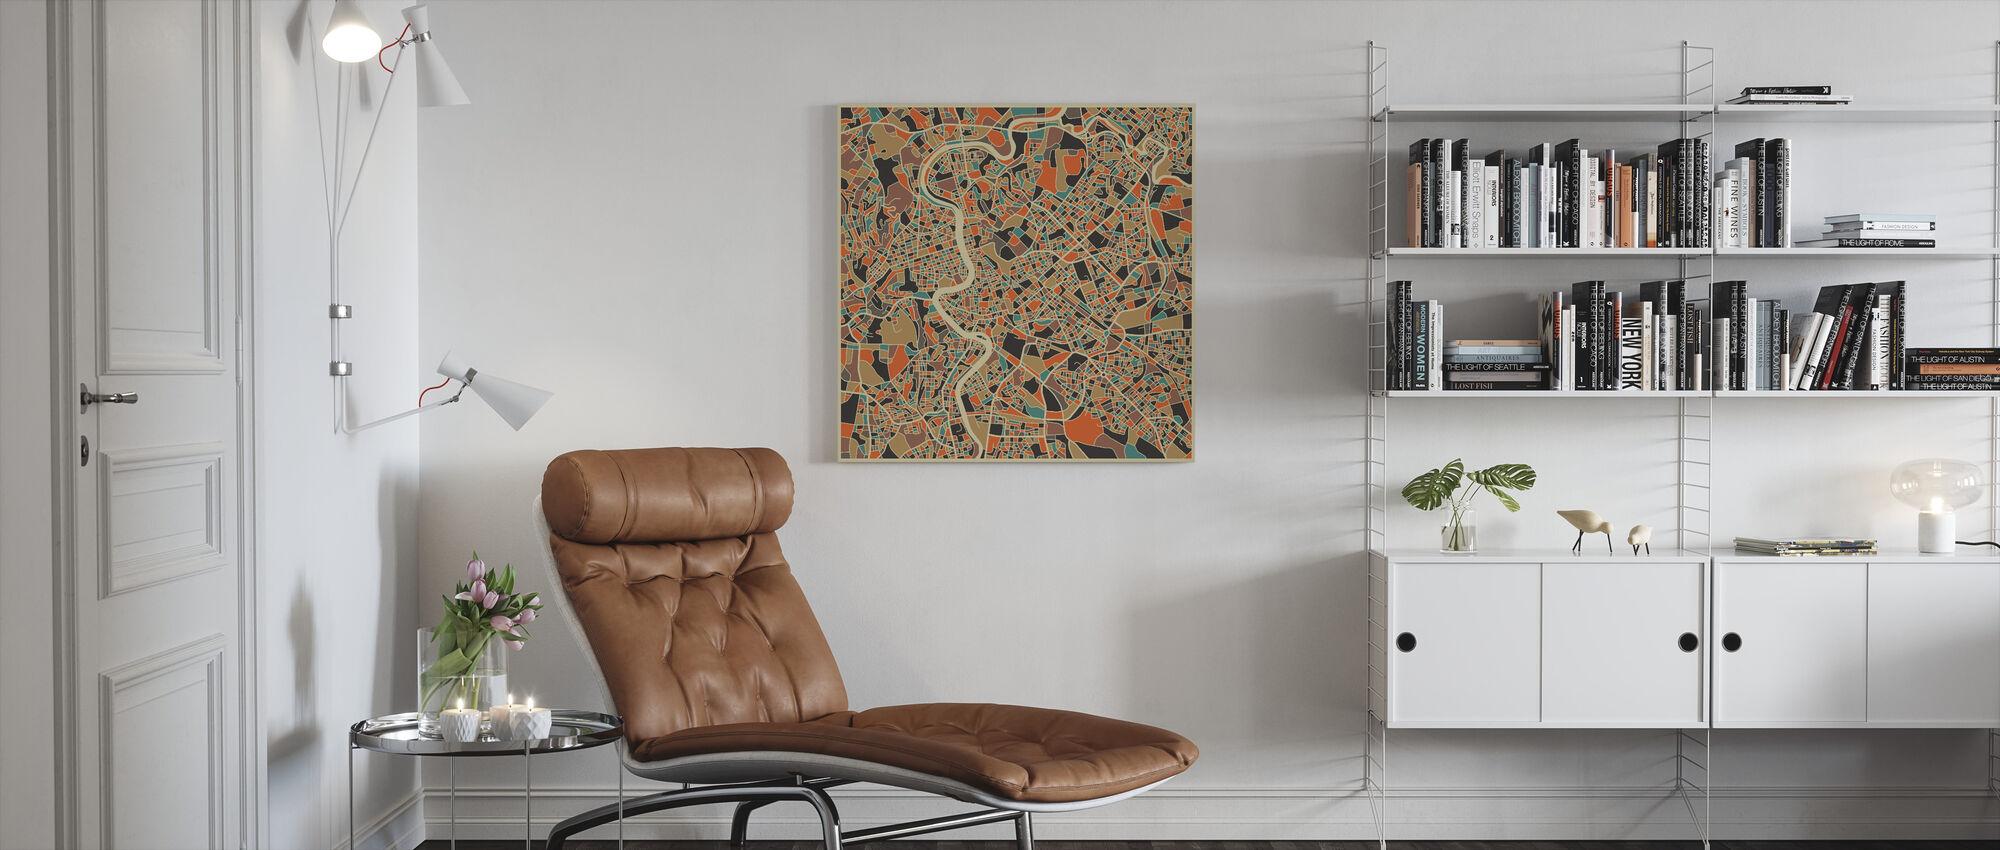 Mehrfarbige Karte - Rom - Leinwandbild - Wohnzimmer